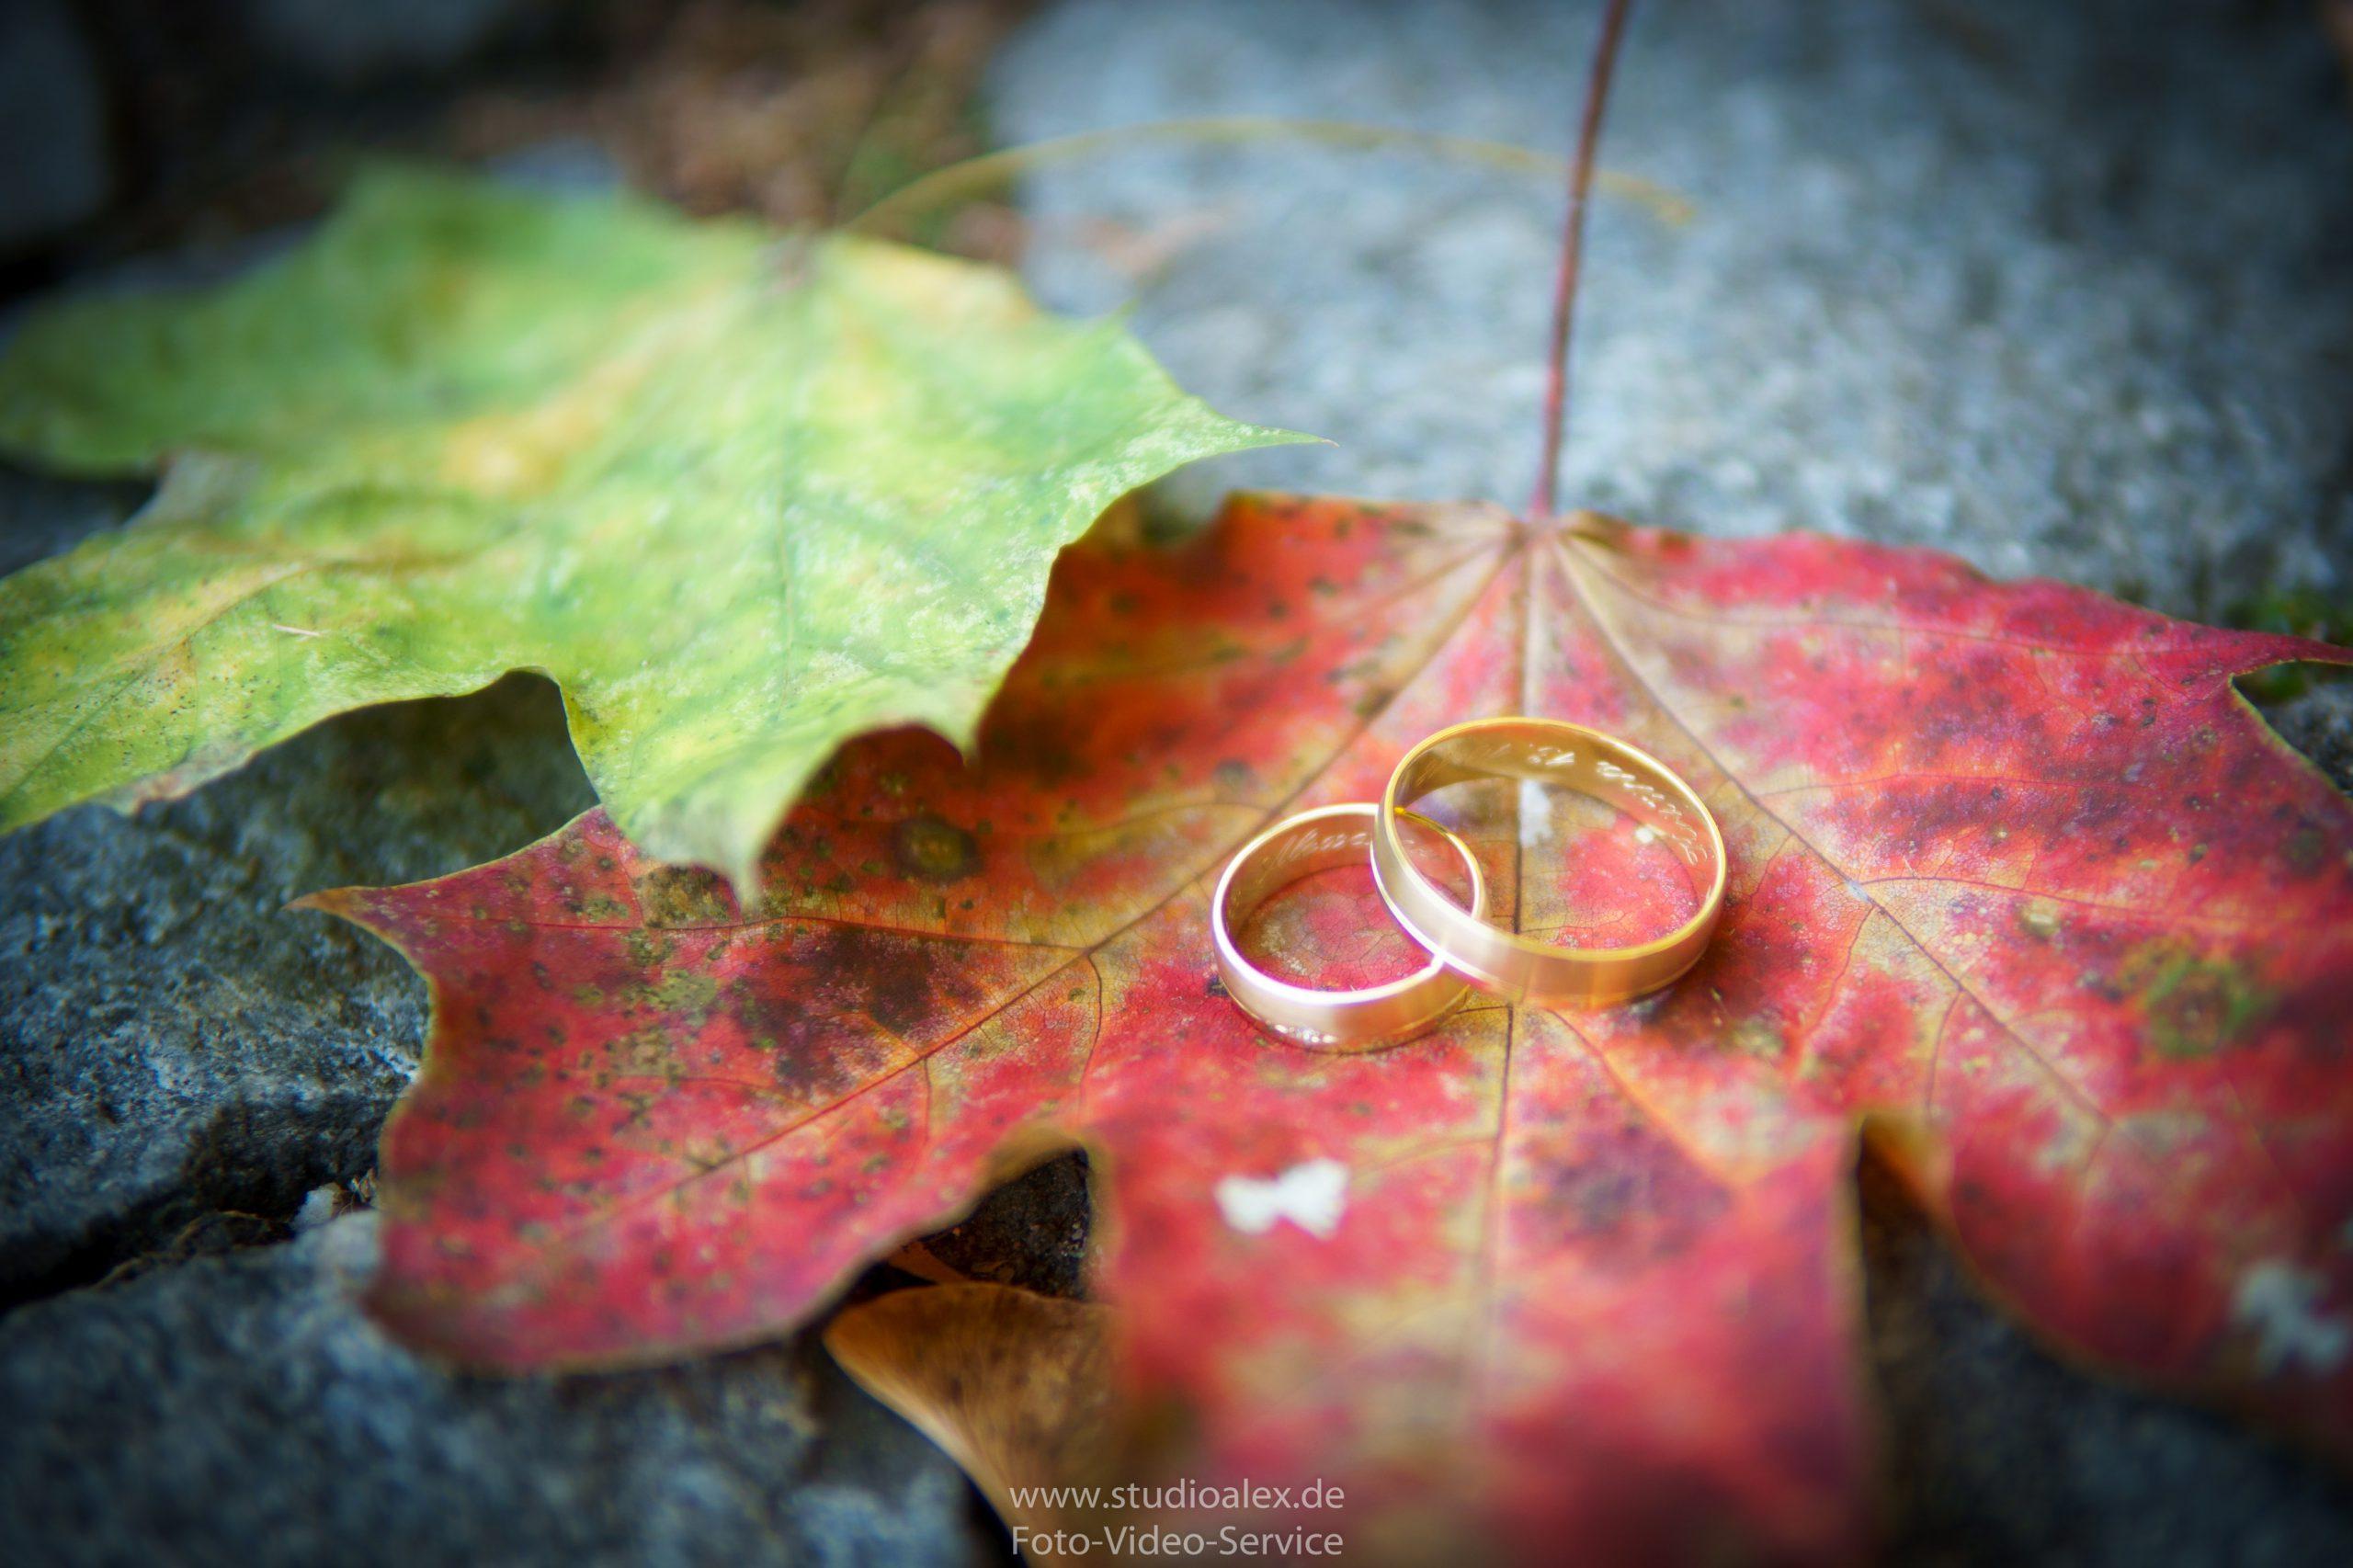 Hochzeitsfotograf-Amberg-Hochzeitsfotografie-Amberg-Hochzeitsfotos-Amberg-Hochzeitsbilder-Amberg-Fotograf-Hochzeit-Amberg-06440-scaled.jpg